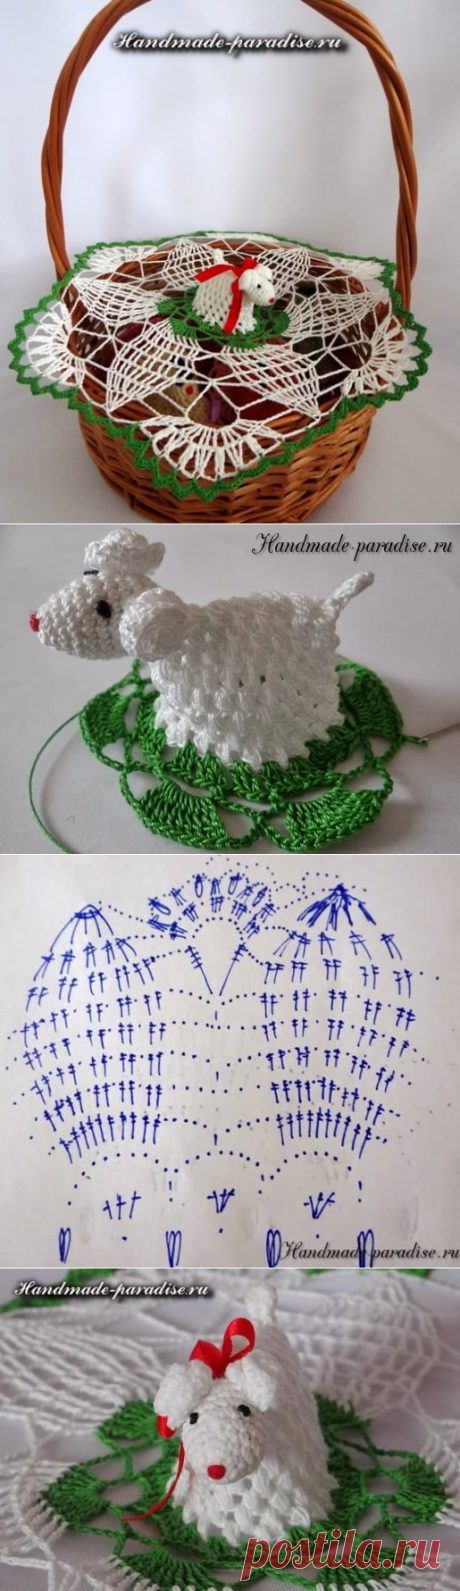 La servilleta por el gancho con la oveja de Pascua